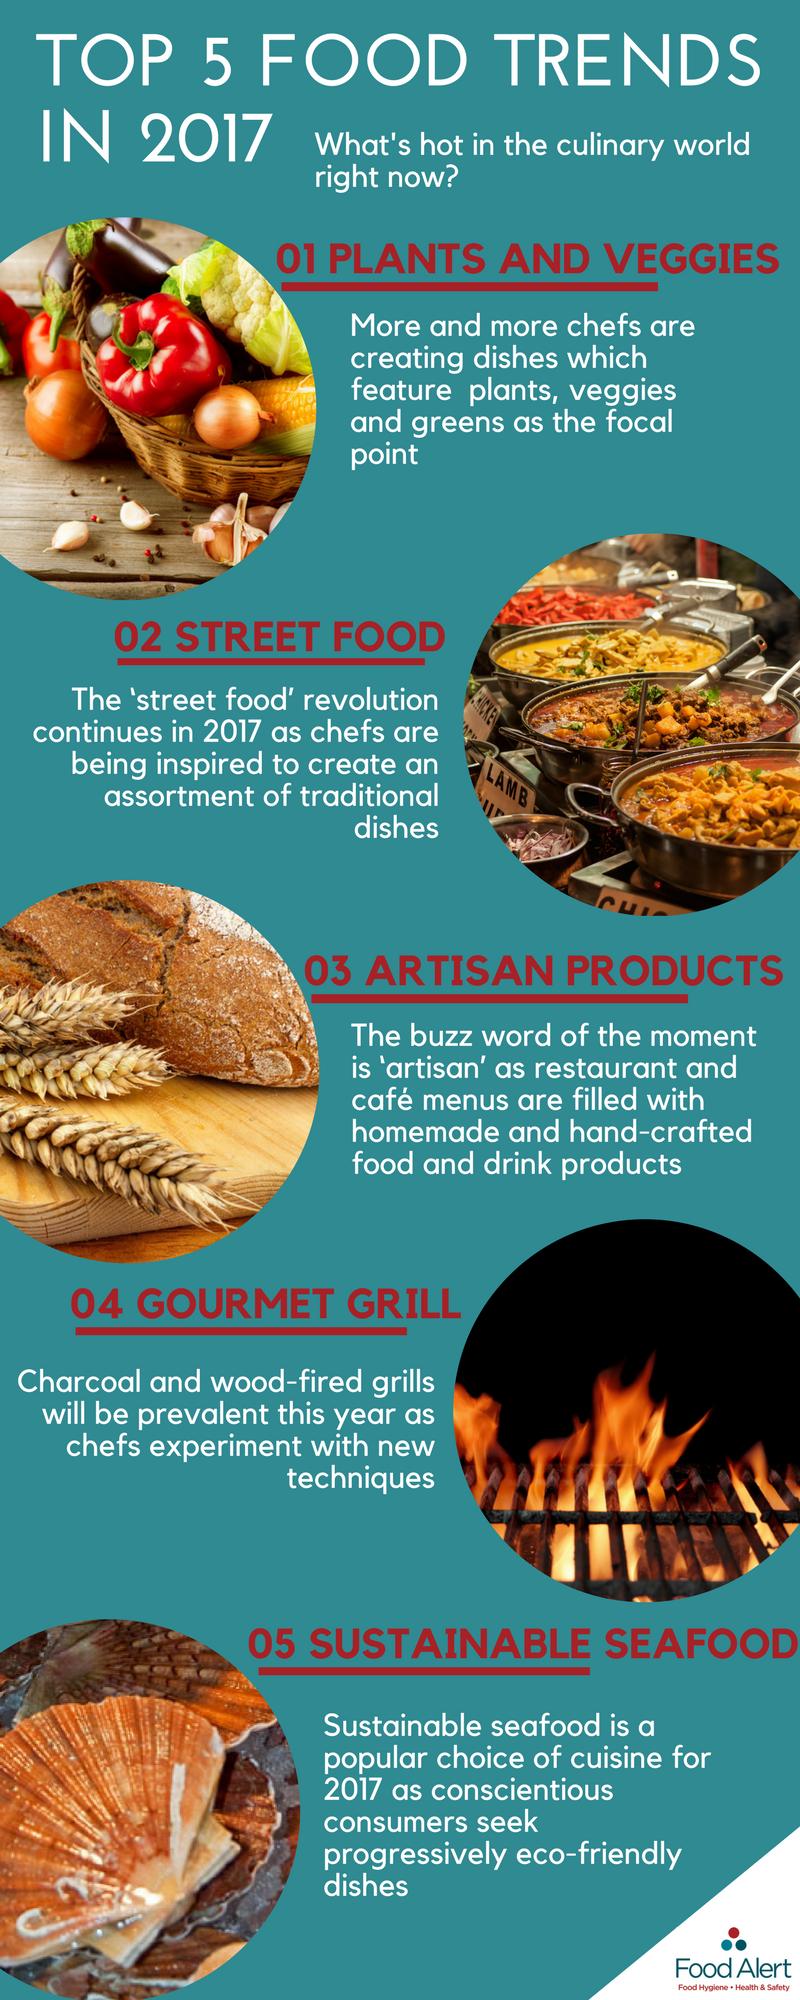 top 5 food trends 2017